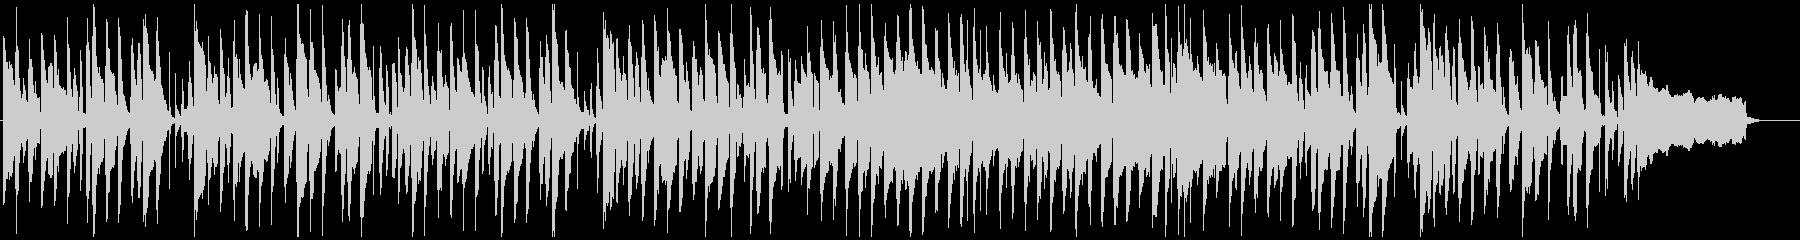 ゆるいリコーダーとピアノの劇伴、ほのぼのの未再生の波形